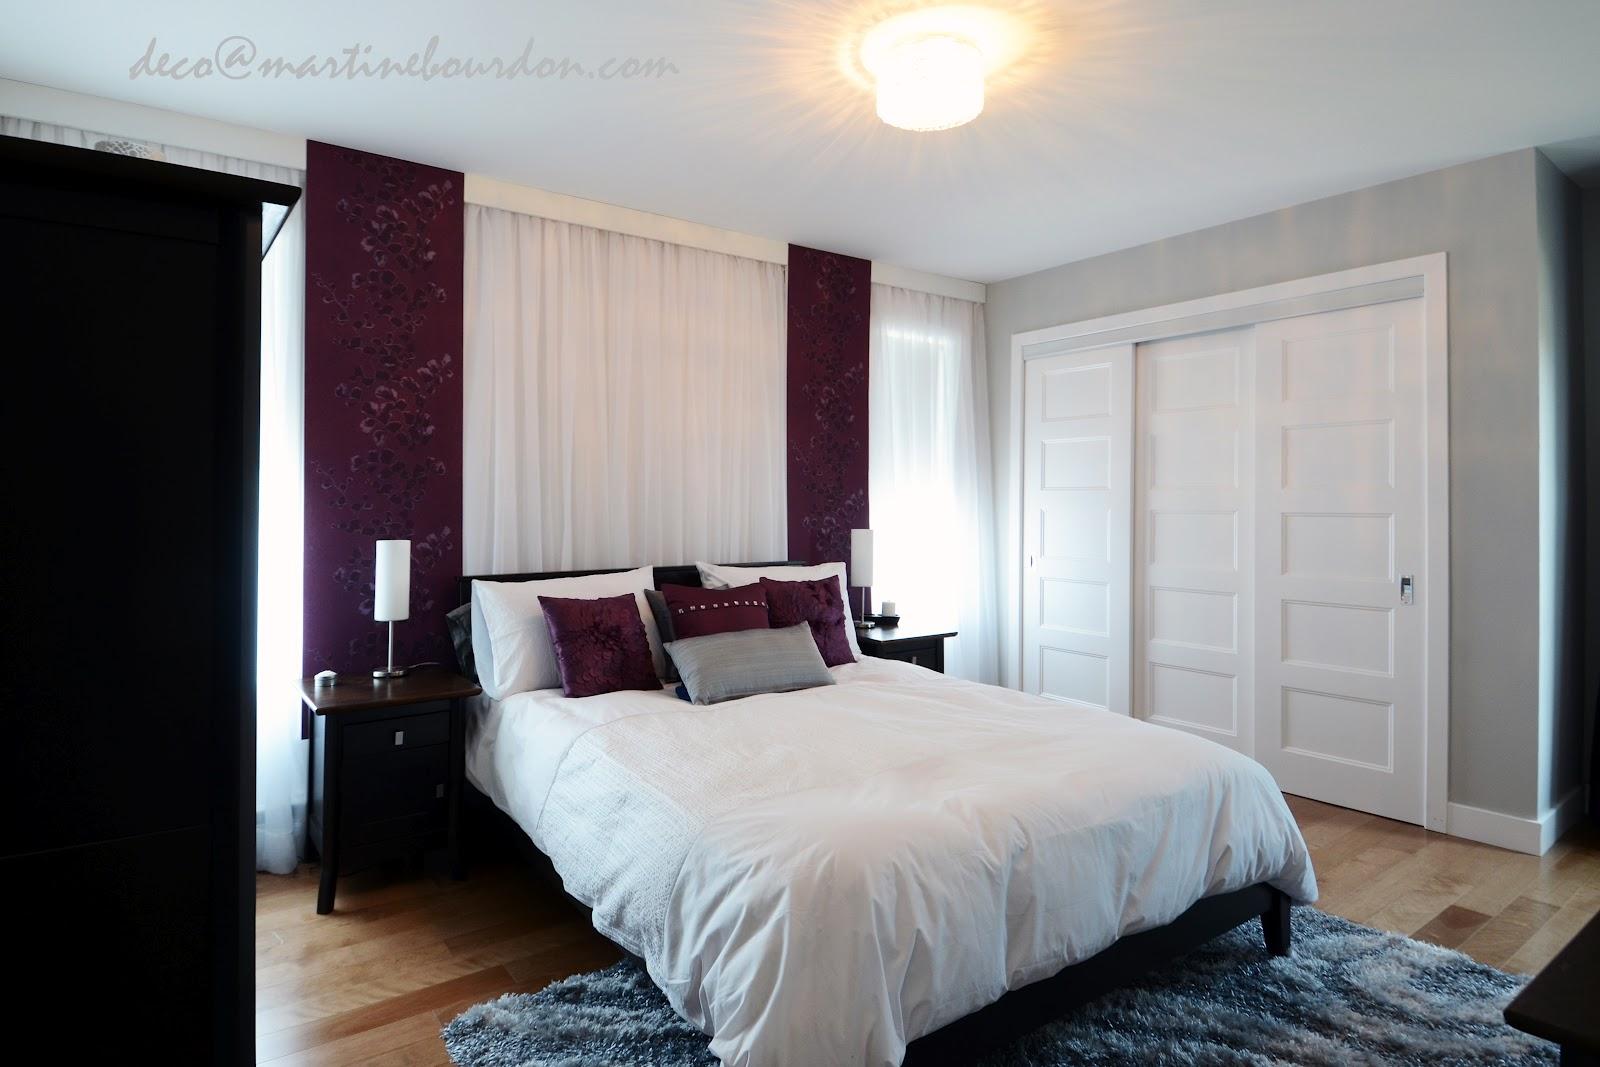 Couleur Des Chambre A Coucher avant-après, une chambre à coucher romantique et stylée